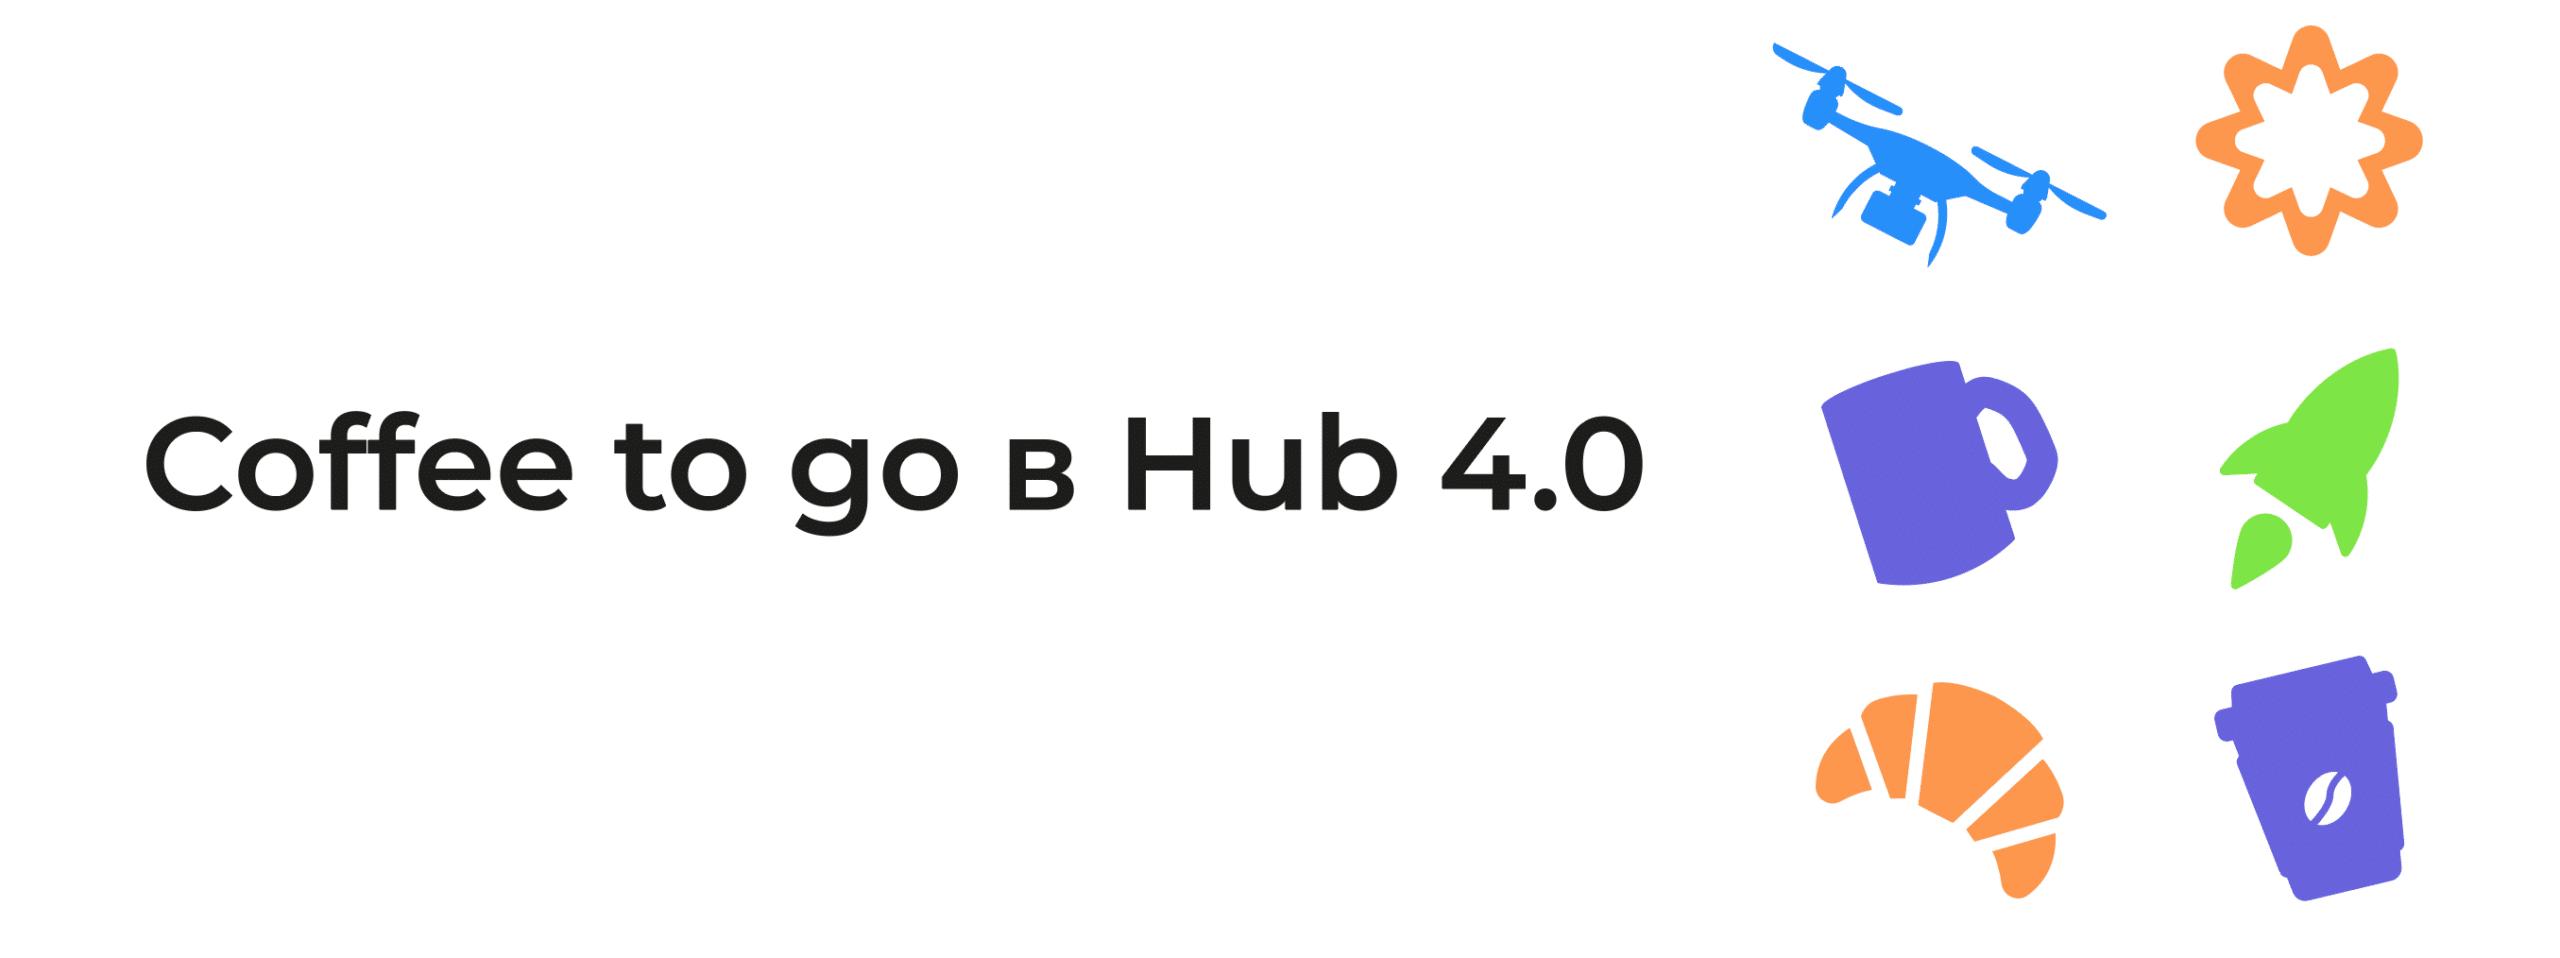 В Hub 4.0 PODIL запрацював чат-бот для замовлення кави